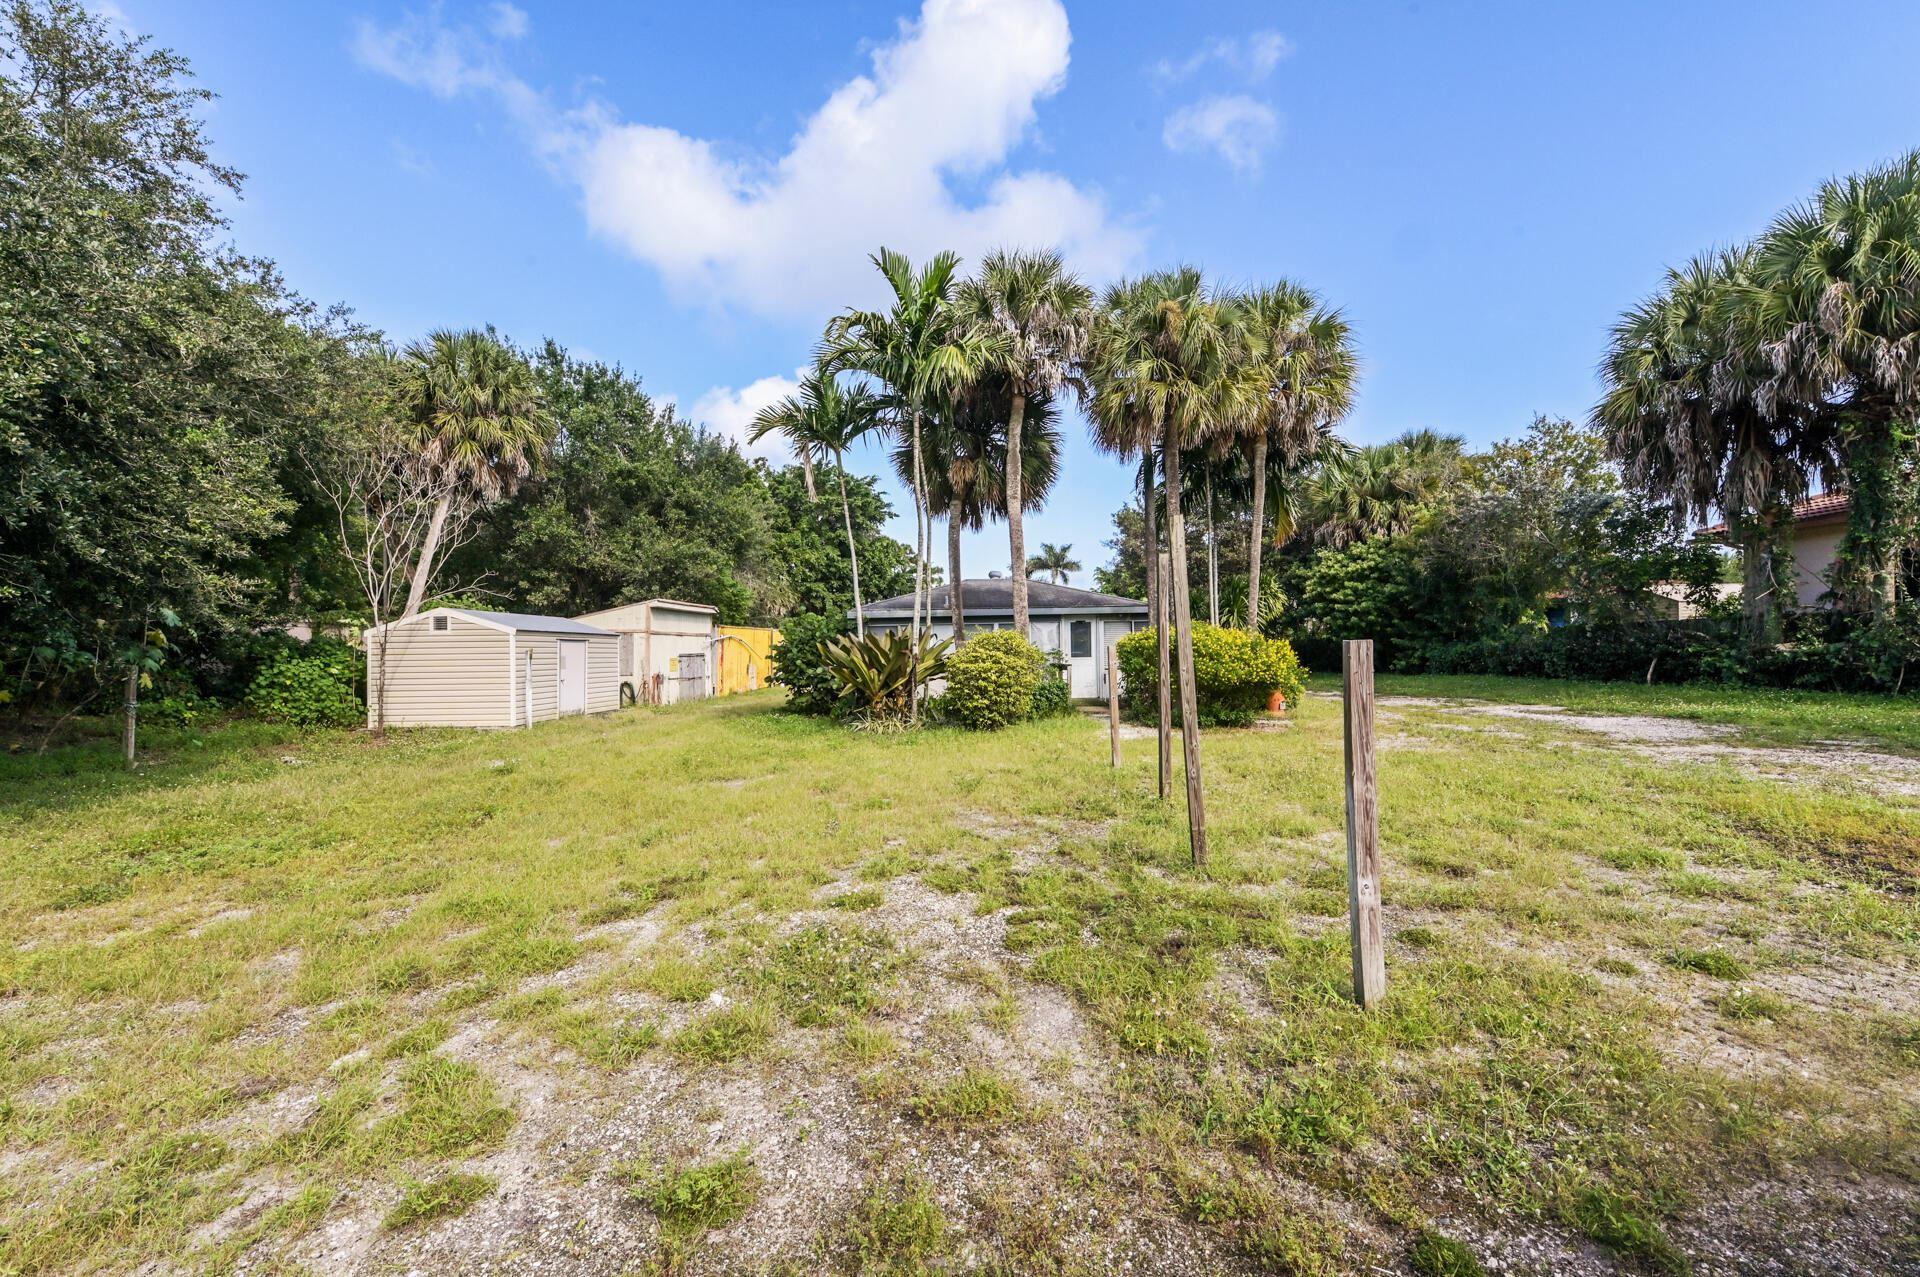 12880 S Military Trail, Boynton Beach, FL 33436 - #: RX-10752330